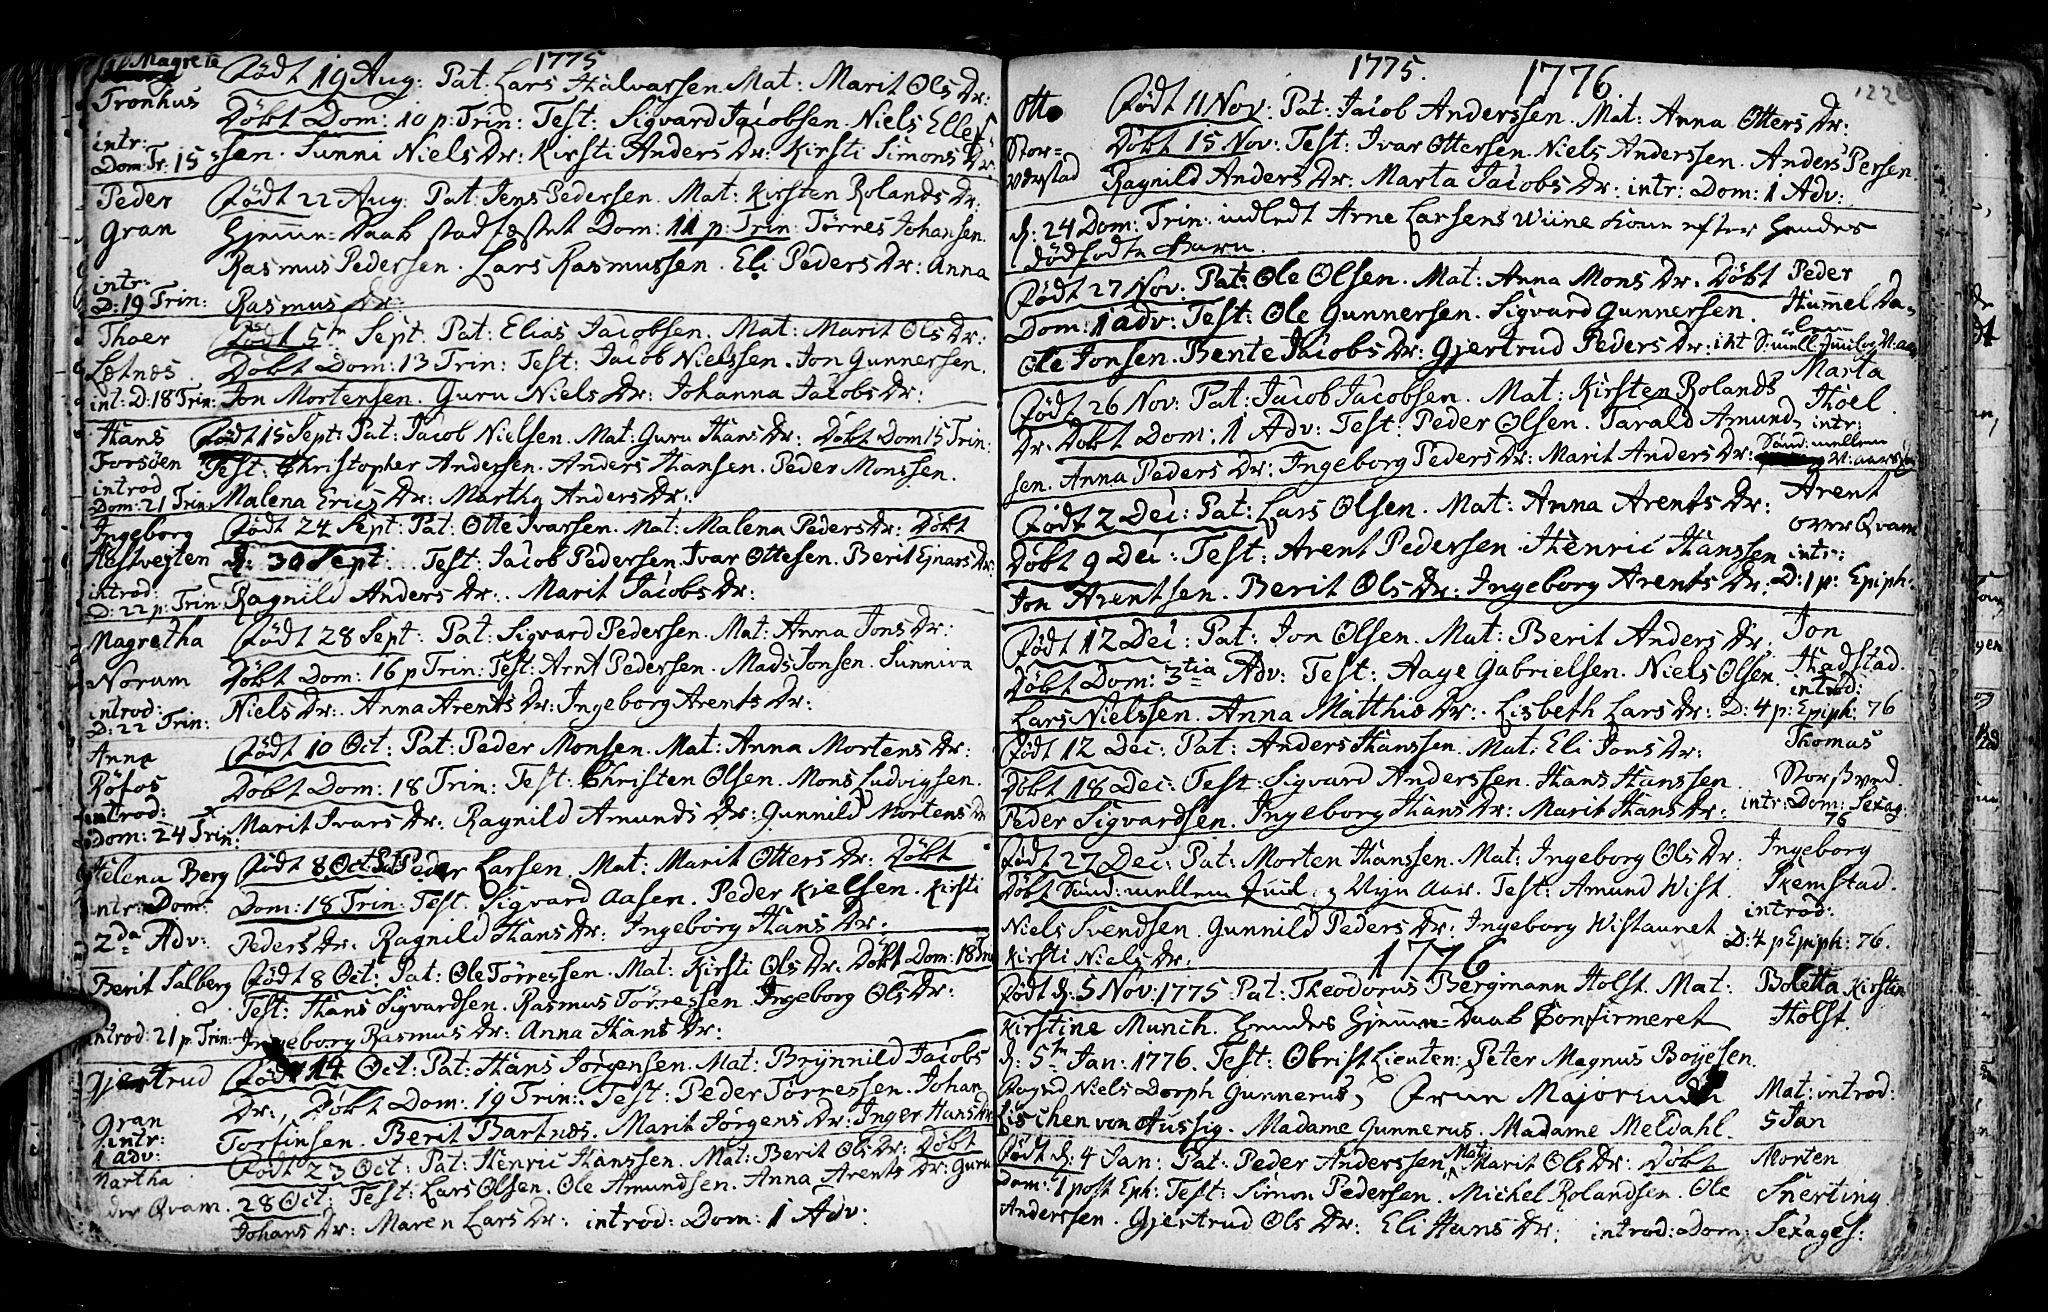 SAT, Ministerialprotokoller, klokkerbøker og fødselsregistre - Nord-Trøndelag, 730/L0273: Ministerialbok nr. 730A02, 1762-1802, s. 122